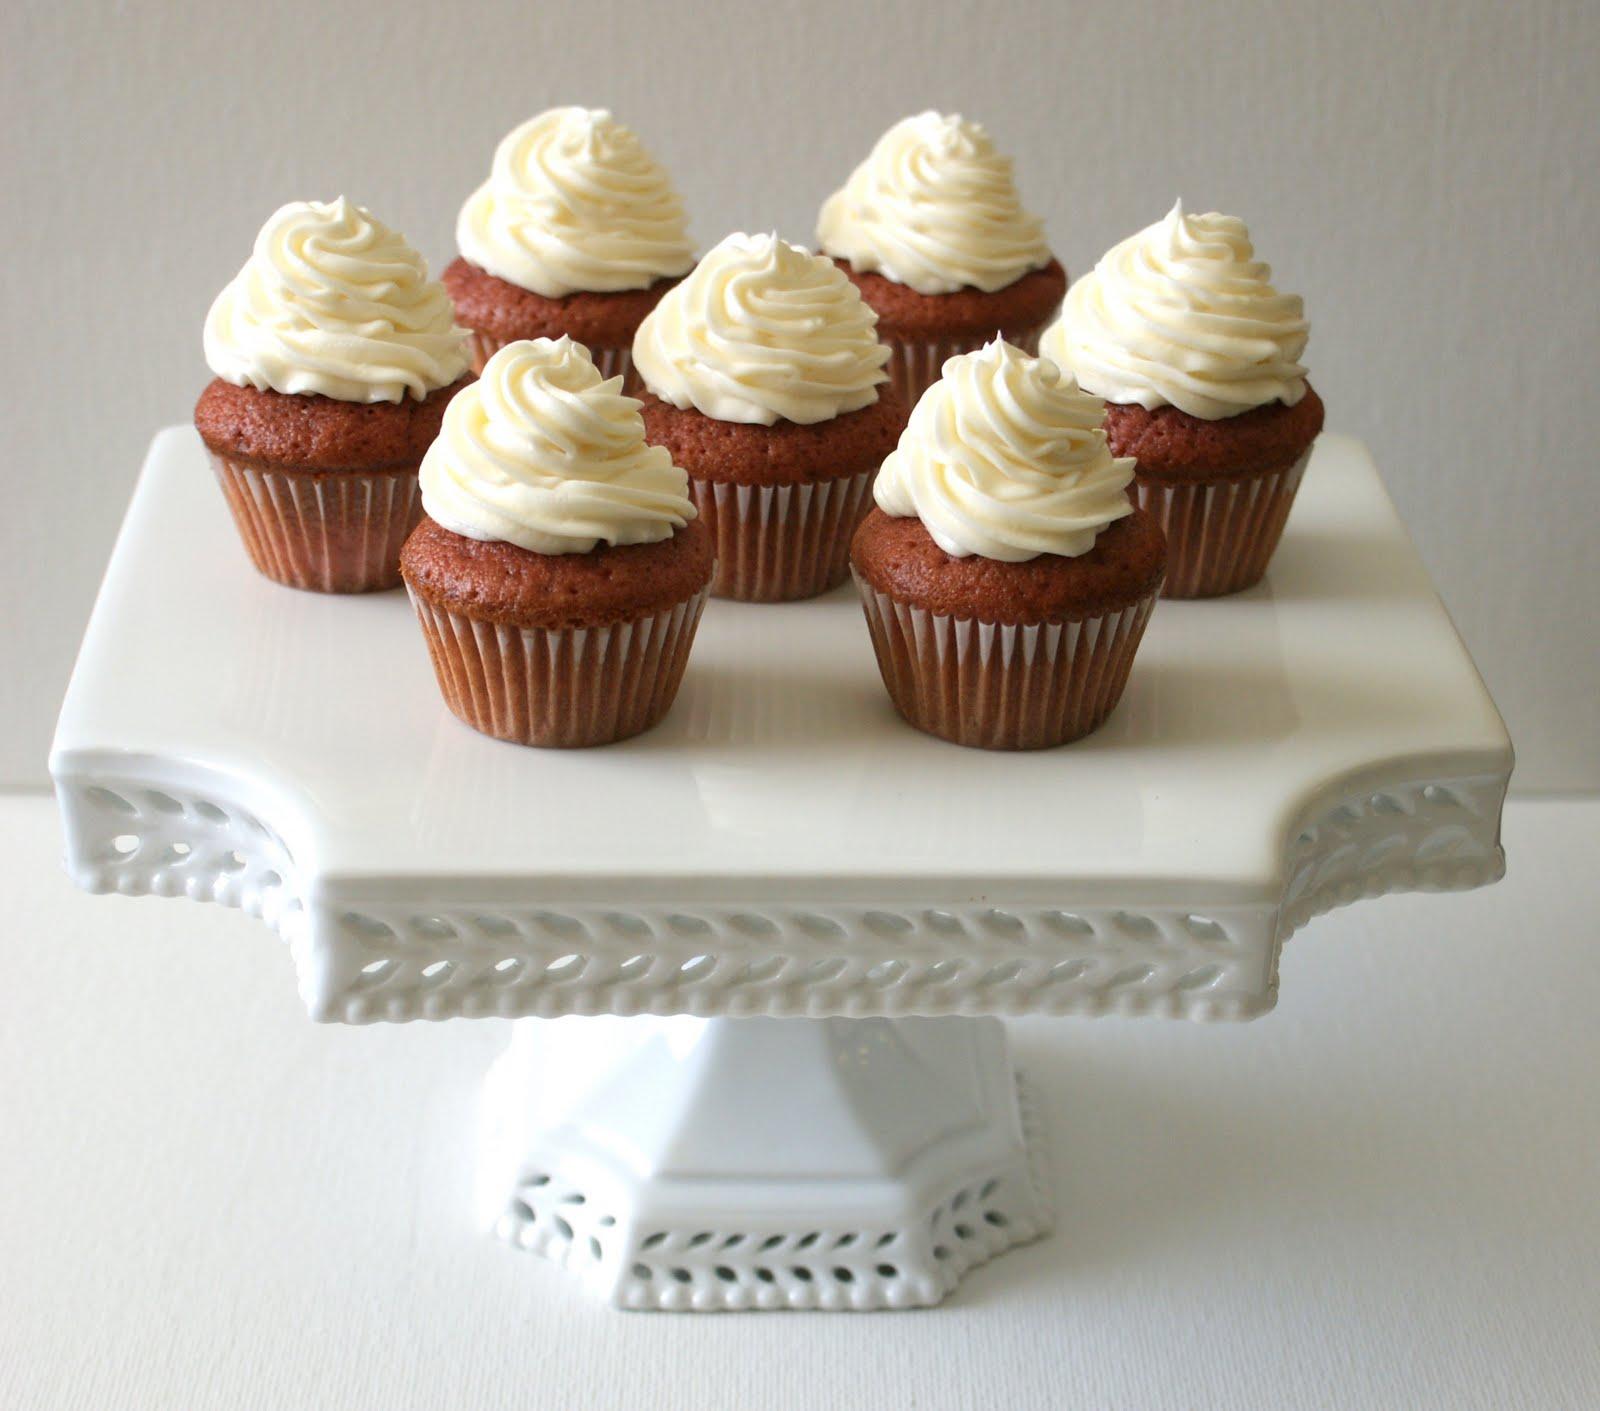 Authentic Suburban Gourmet: Mini Red Velvet Cupcakes